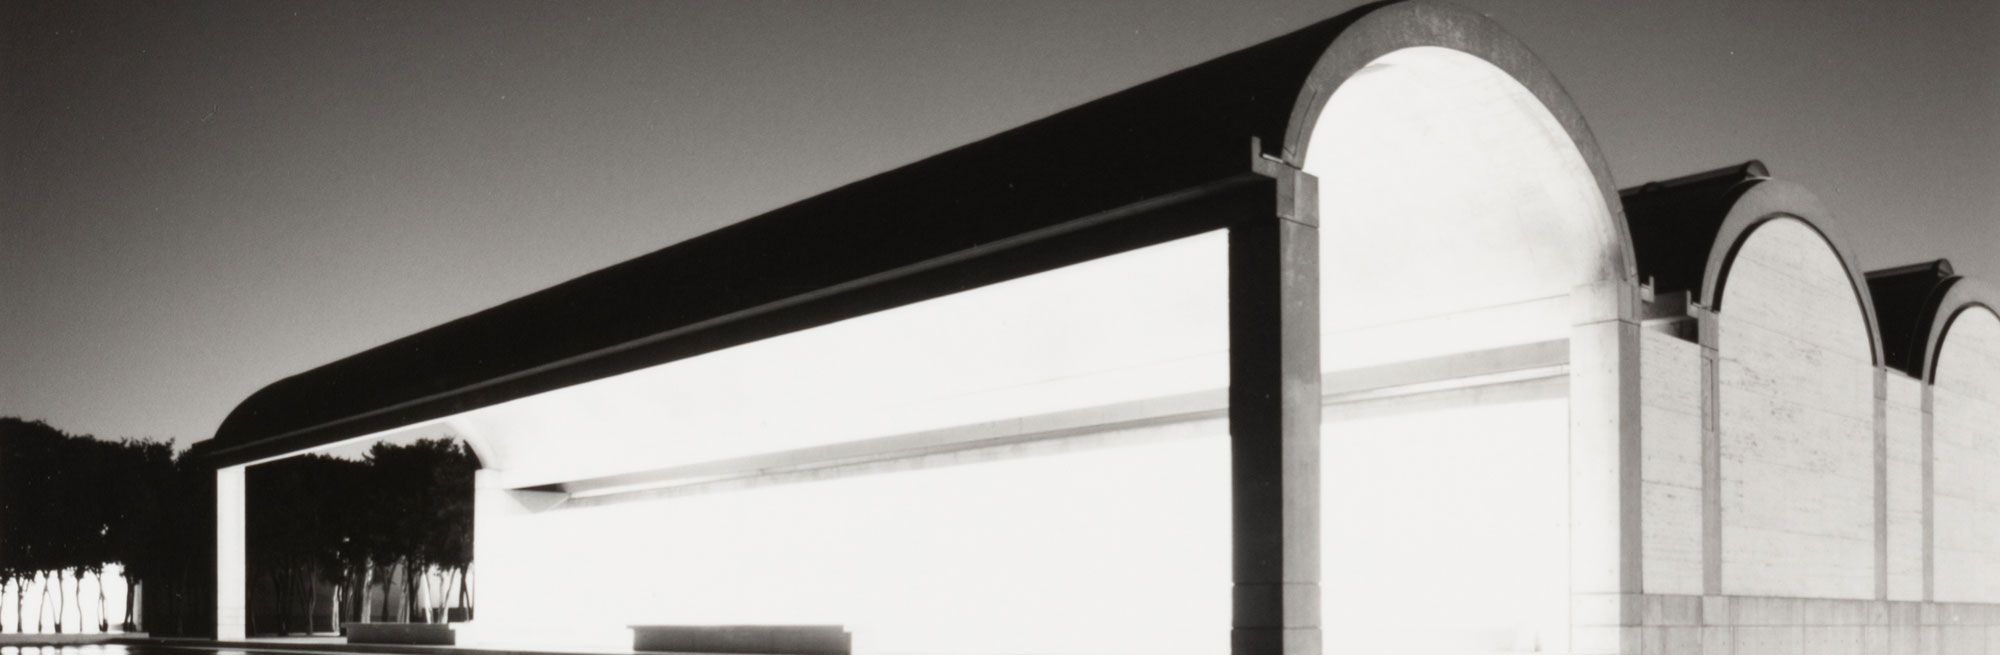 Al MAXXI l'architettura di Louis Kahn nelle fotografie di Roberto Schezen